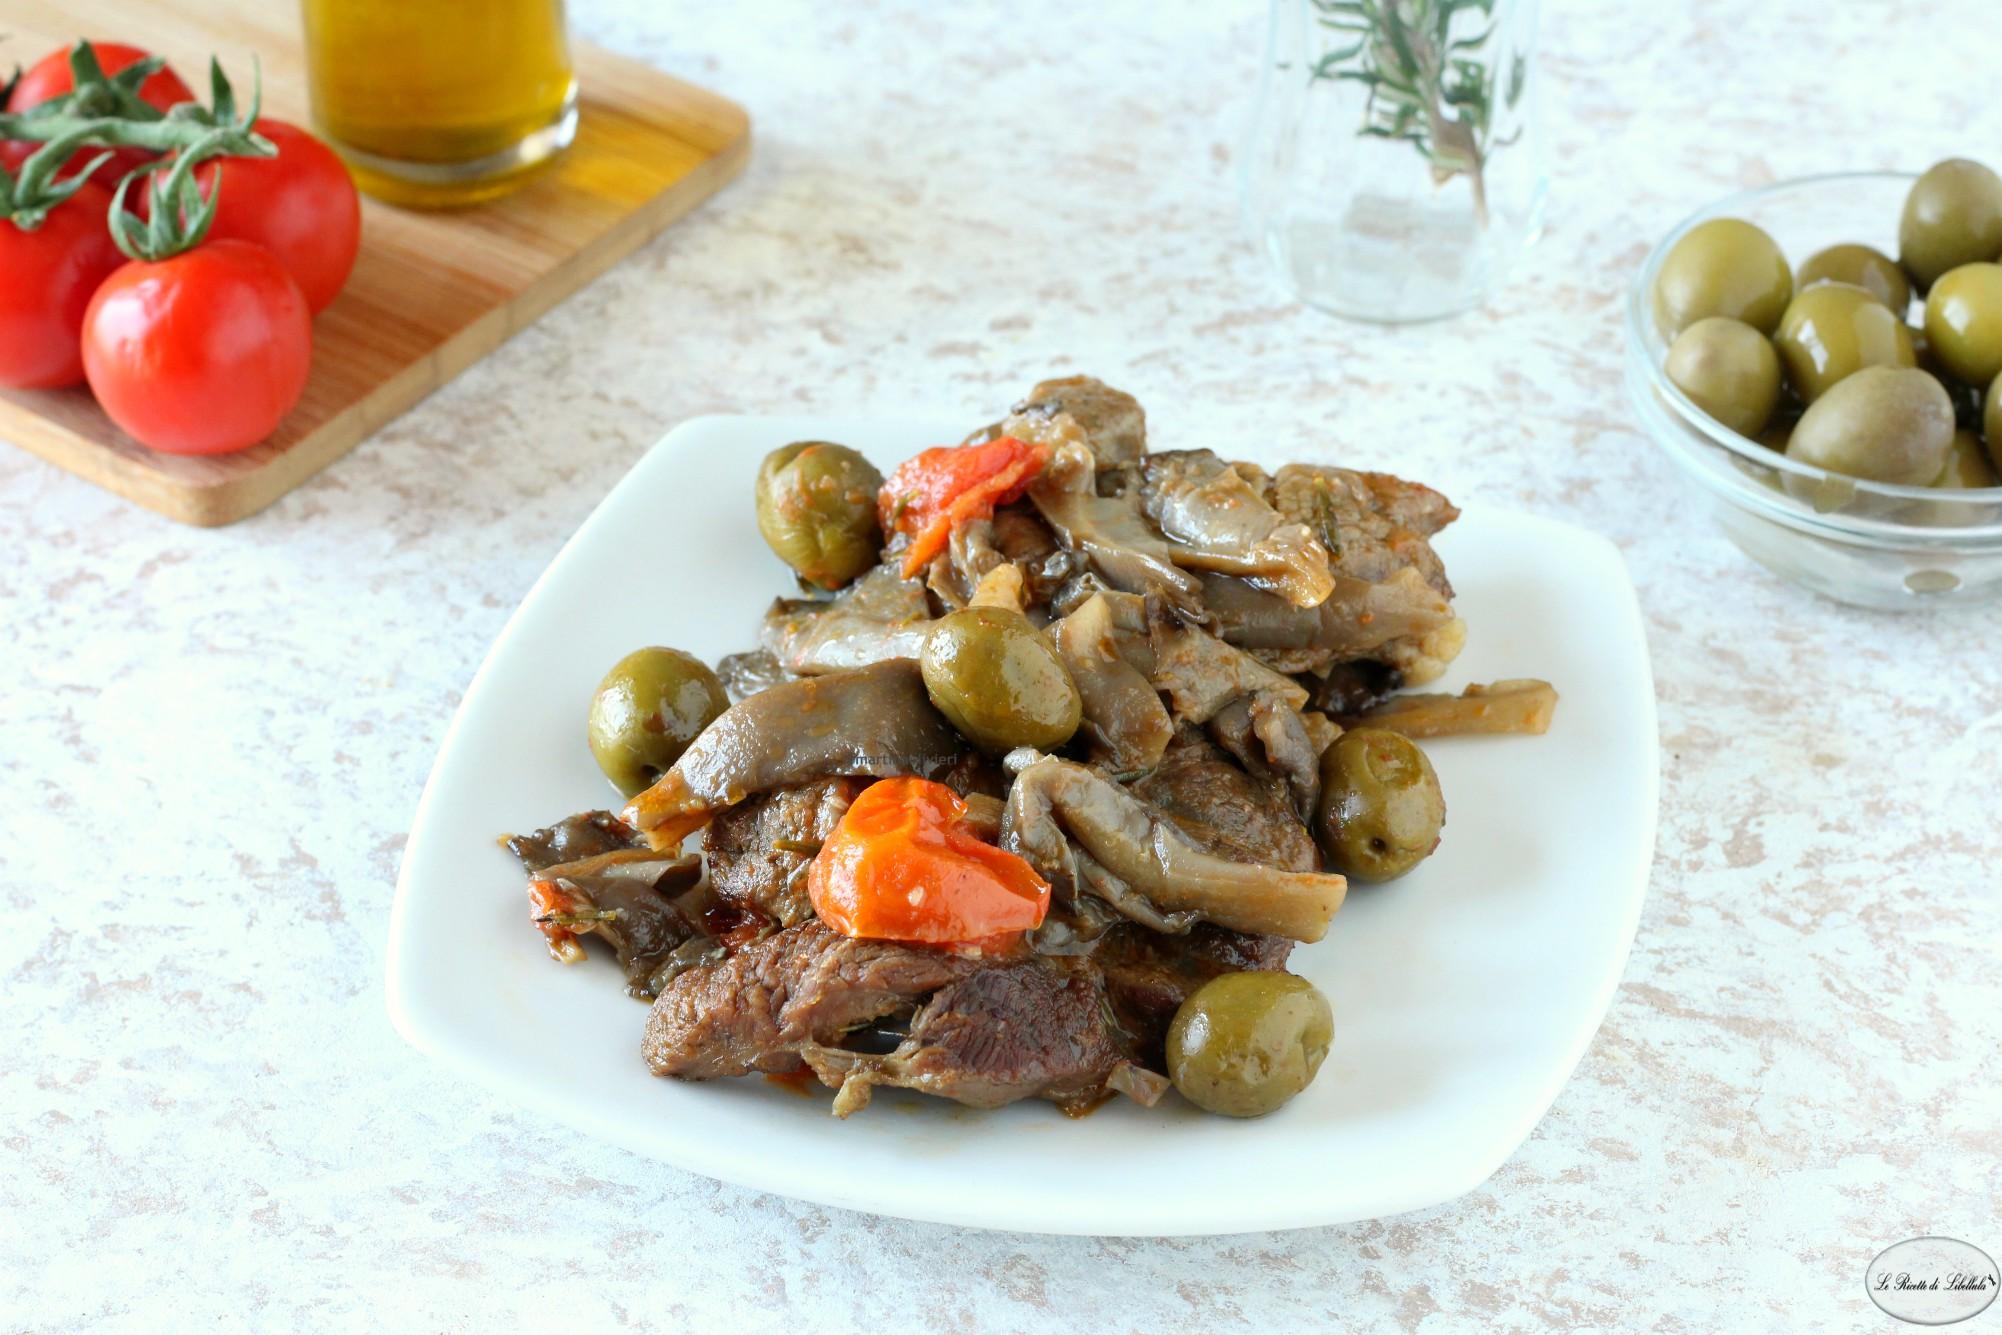 Muscolo di vitello con funghi, pomodorini e olive